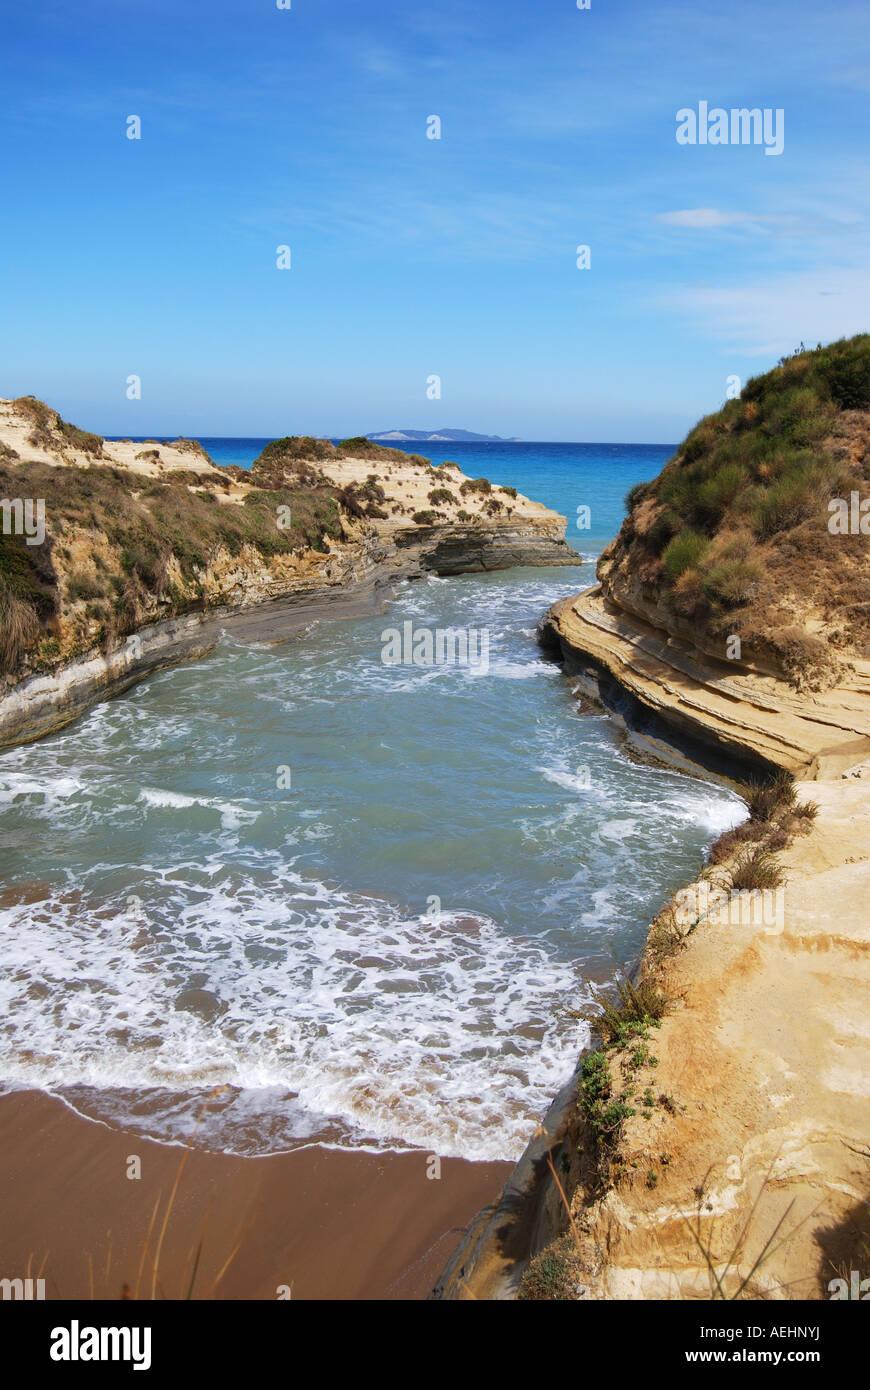 Sidari cliffs and beach, Canal d'Amour, Sadari, Corfu, Ionian Islands, Greece - Stock Image